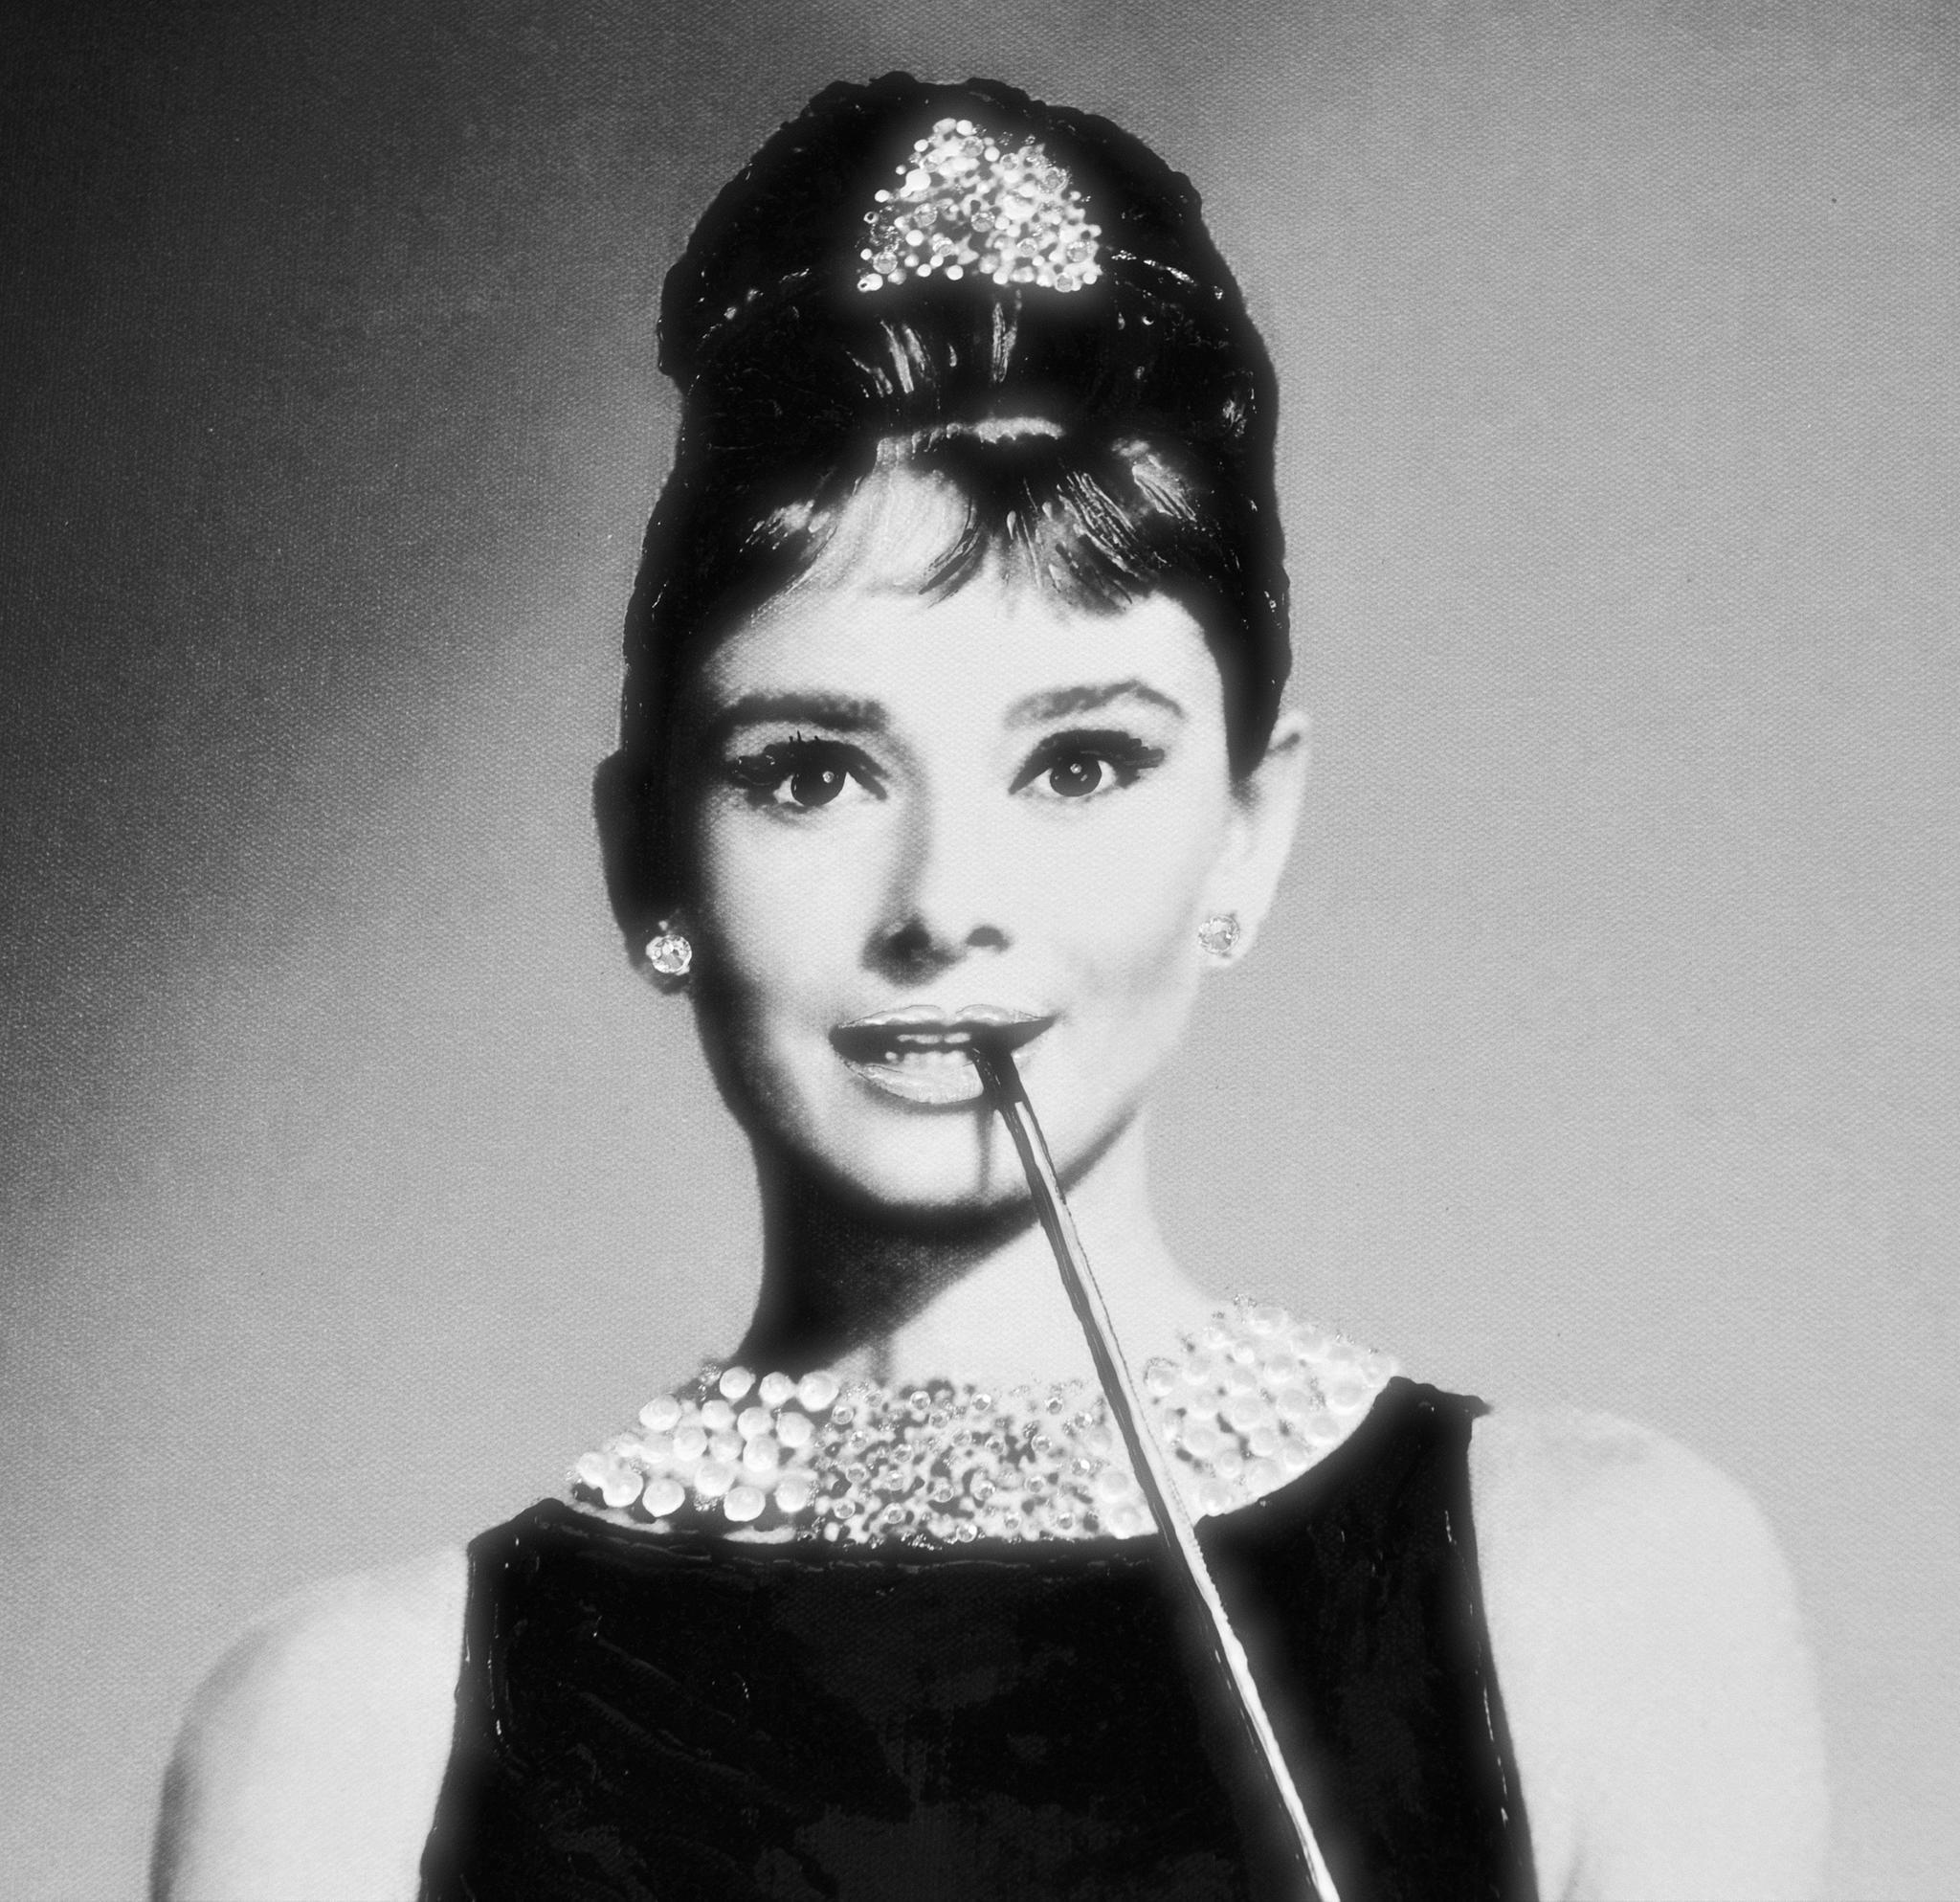 Audrey Hepburn gehörte zu den Hollywood-It-Girls